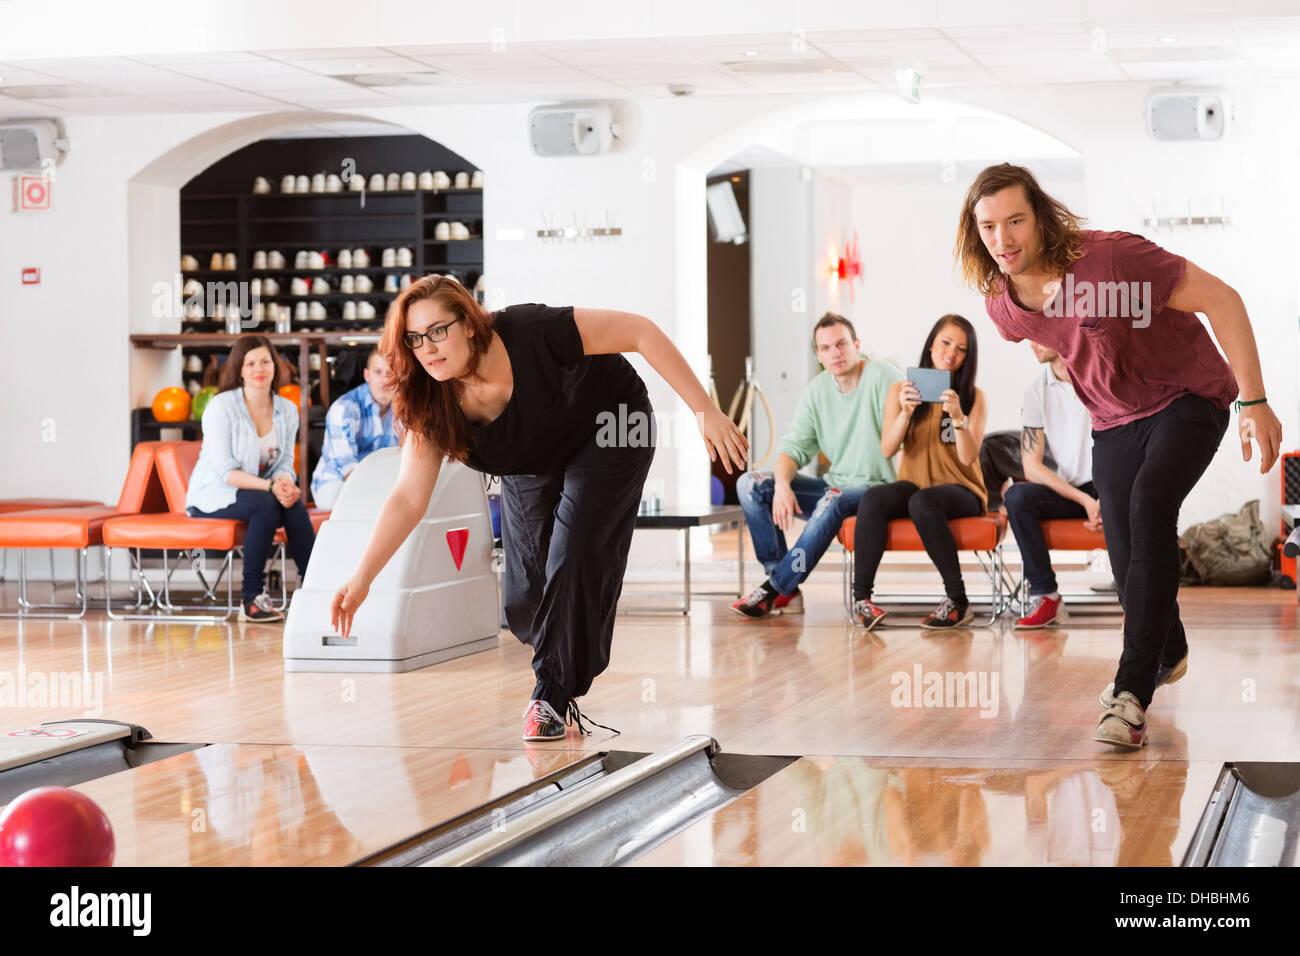 L'homme et la femme jouant dans Bowling Photo Stock